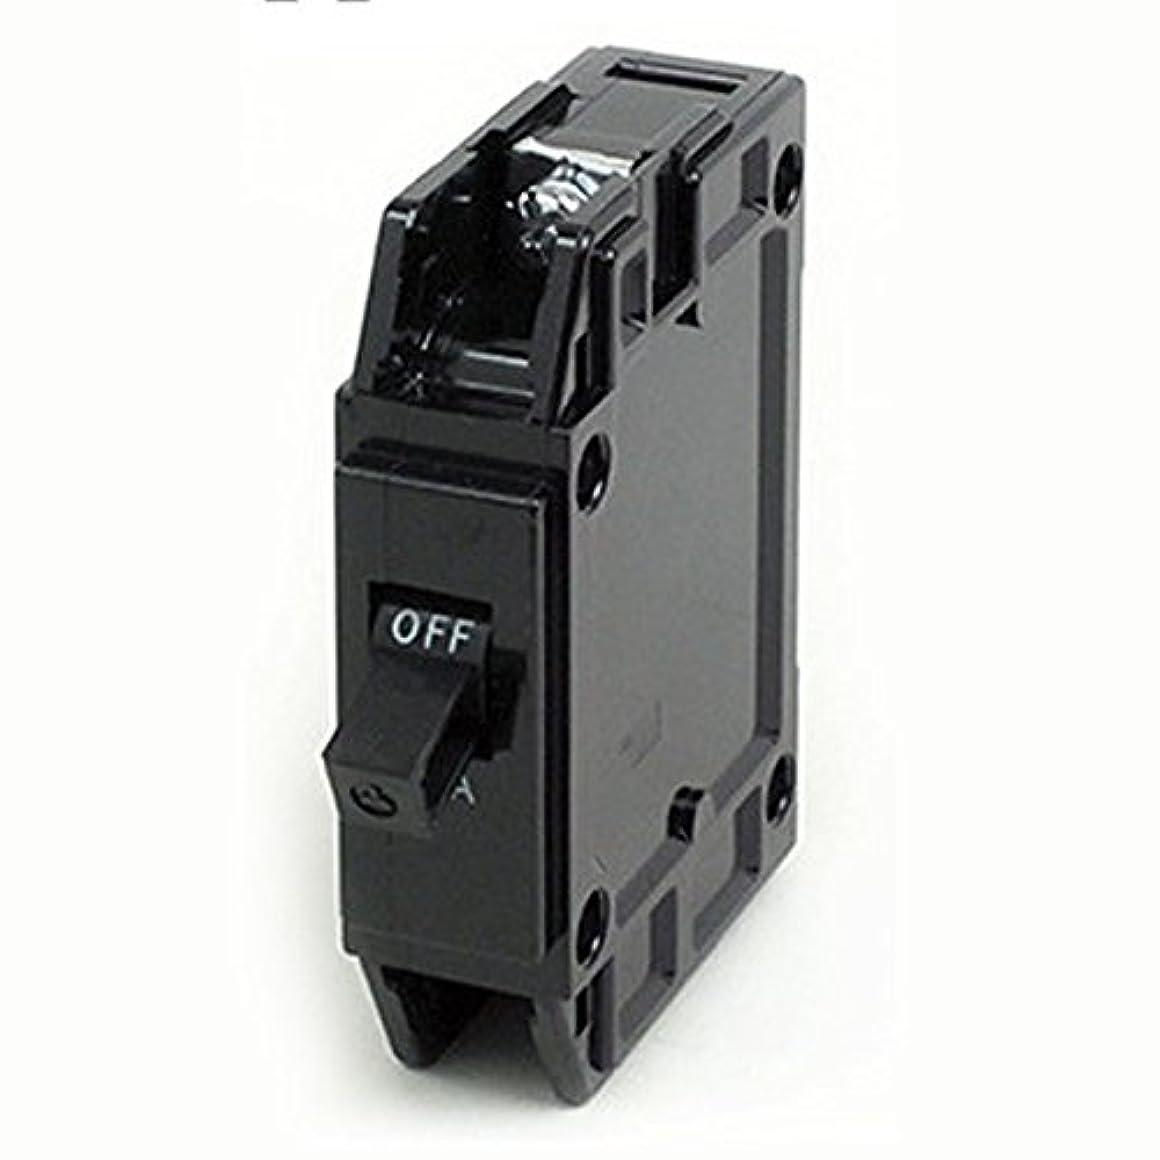 武器疑問に思うシンプルな三菱電機 BH-K 1P 30A ノーヒューズ遮断器 (分電盤用) (1極) NN